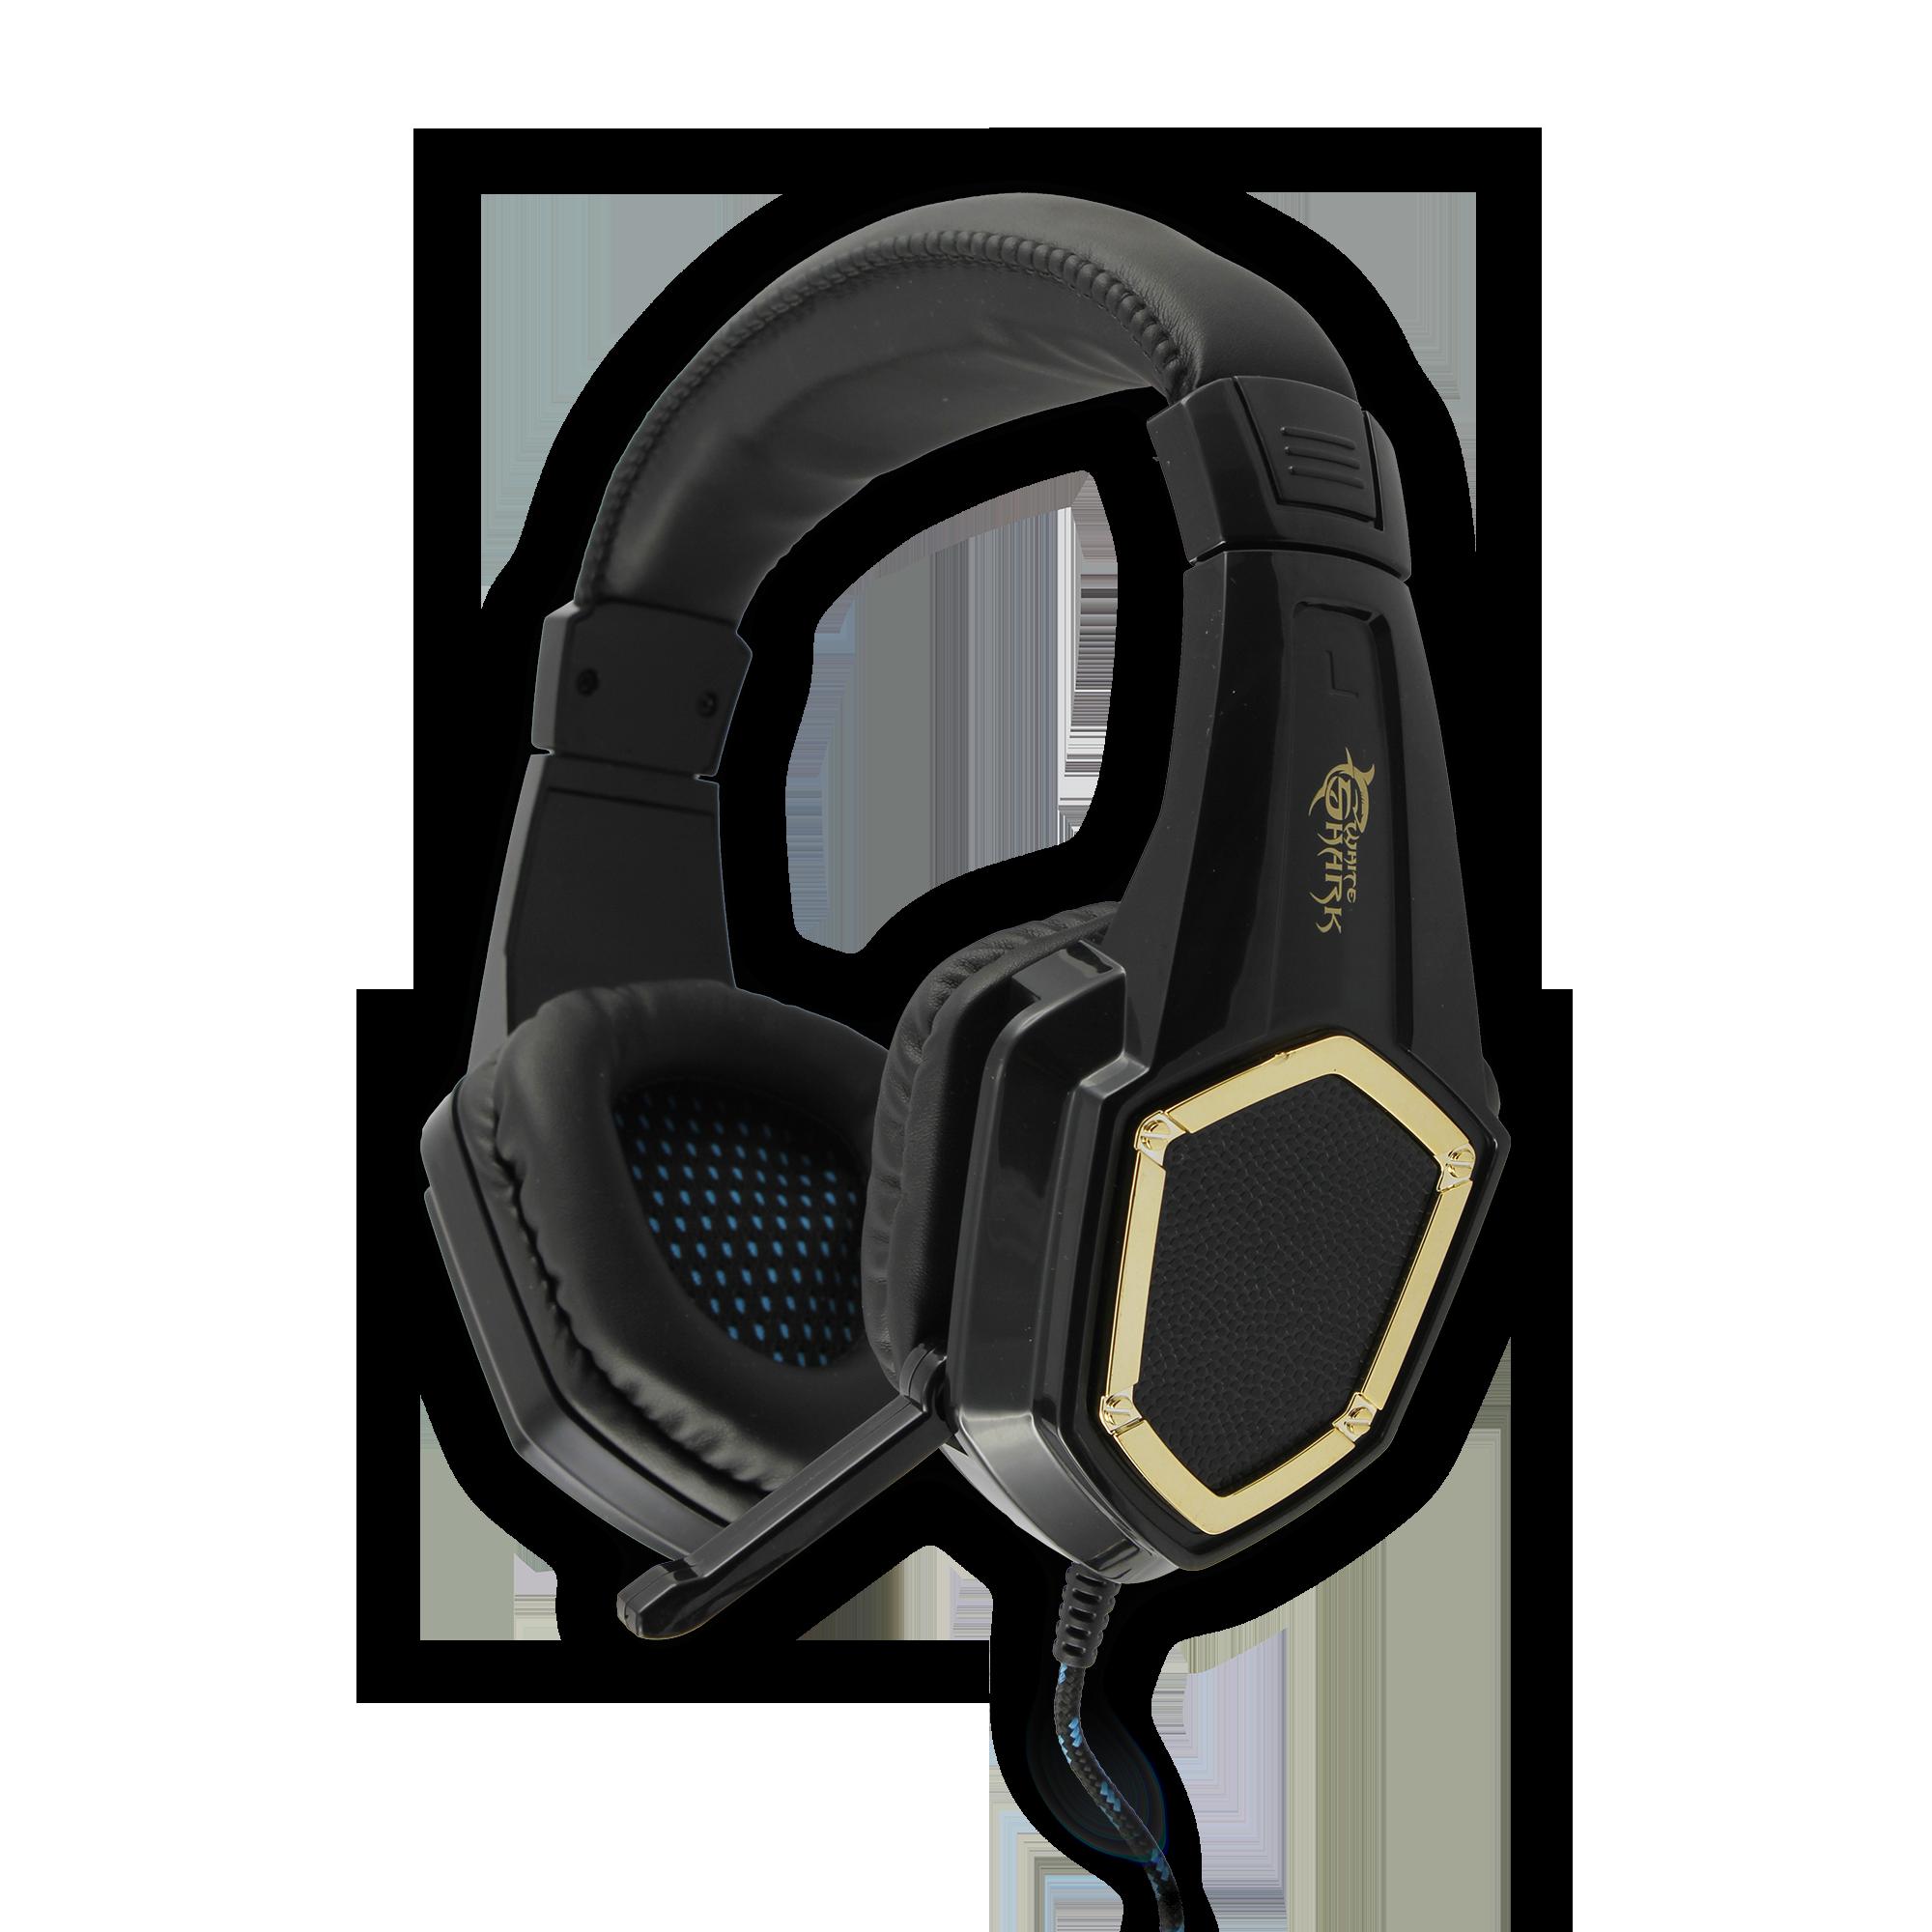 White Shark - Cheetah Gaming Headset